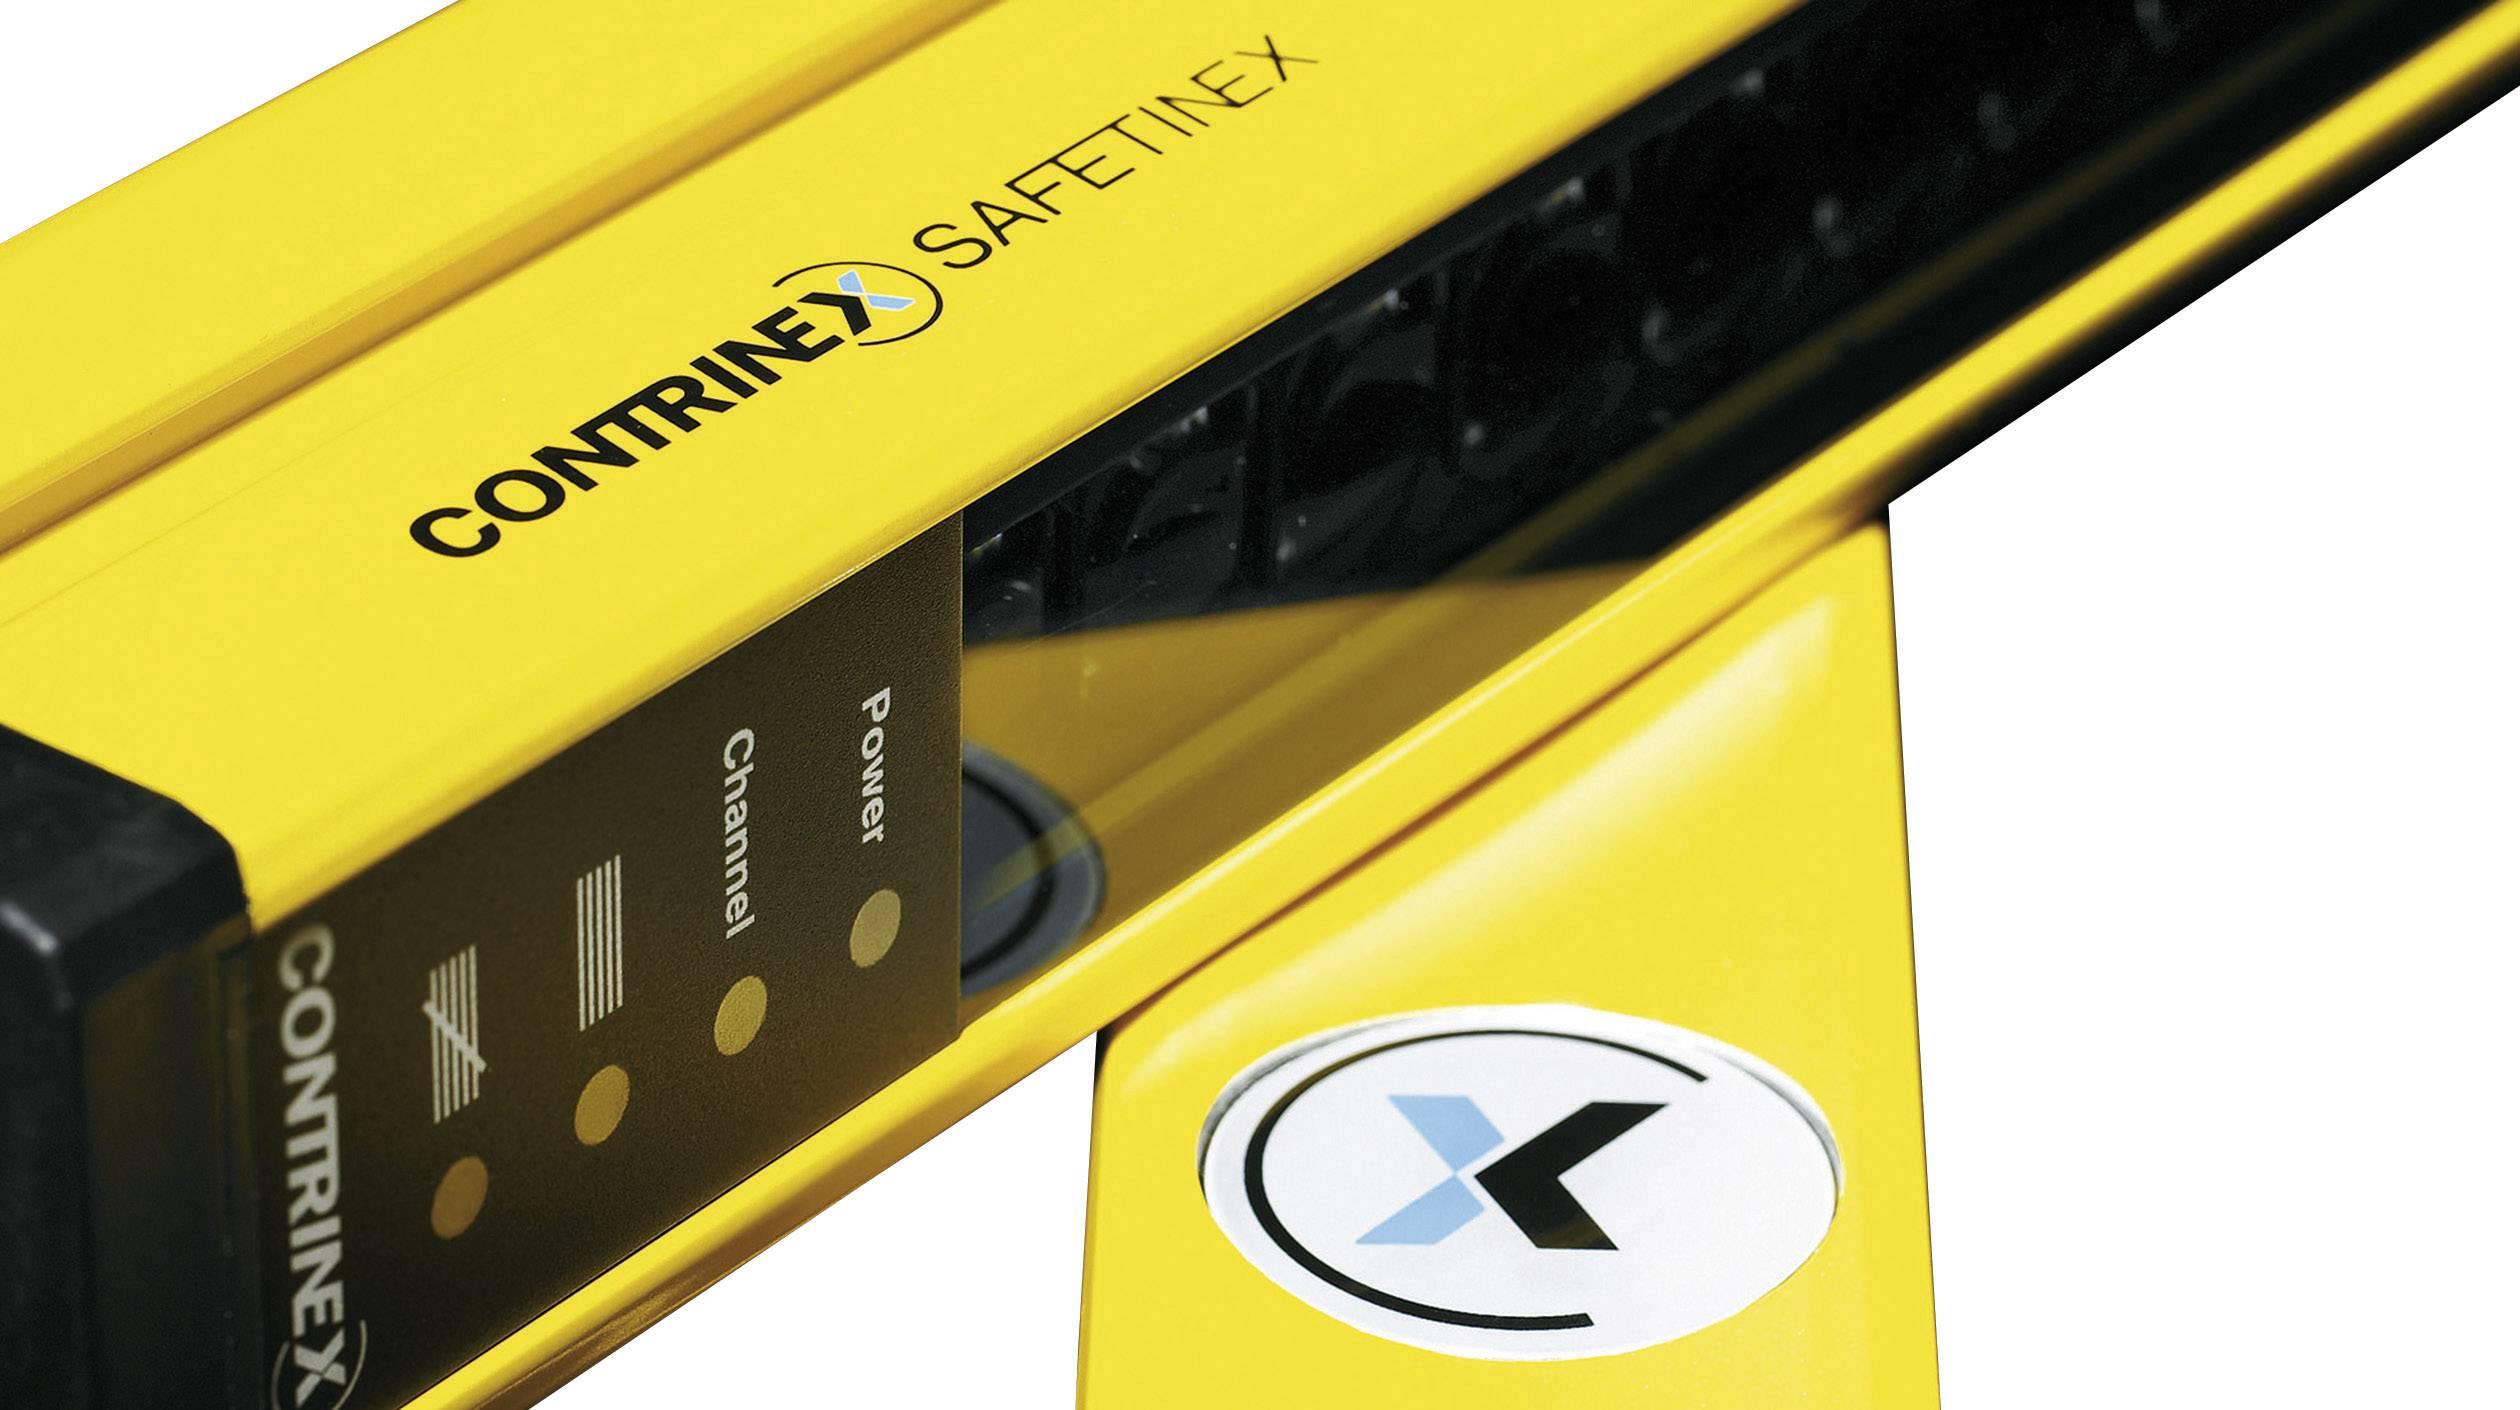 Bezpečnostní světelná závora pro ochranu prstů Contrinex YBB-14R4-0500-G012 630 000 109